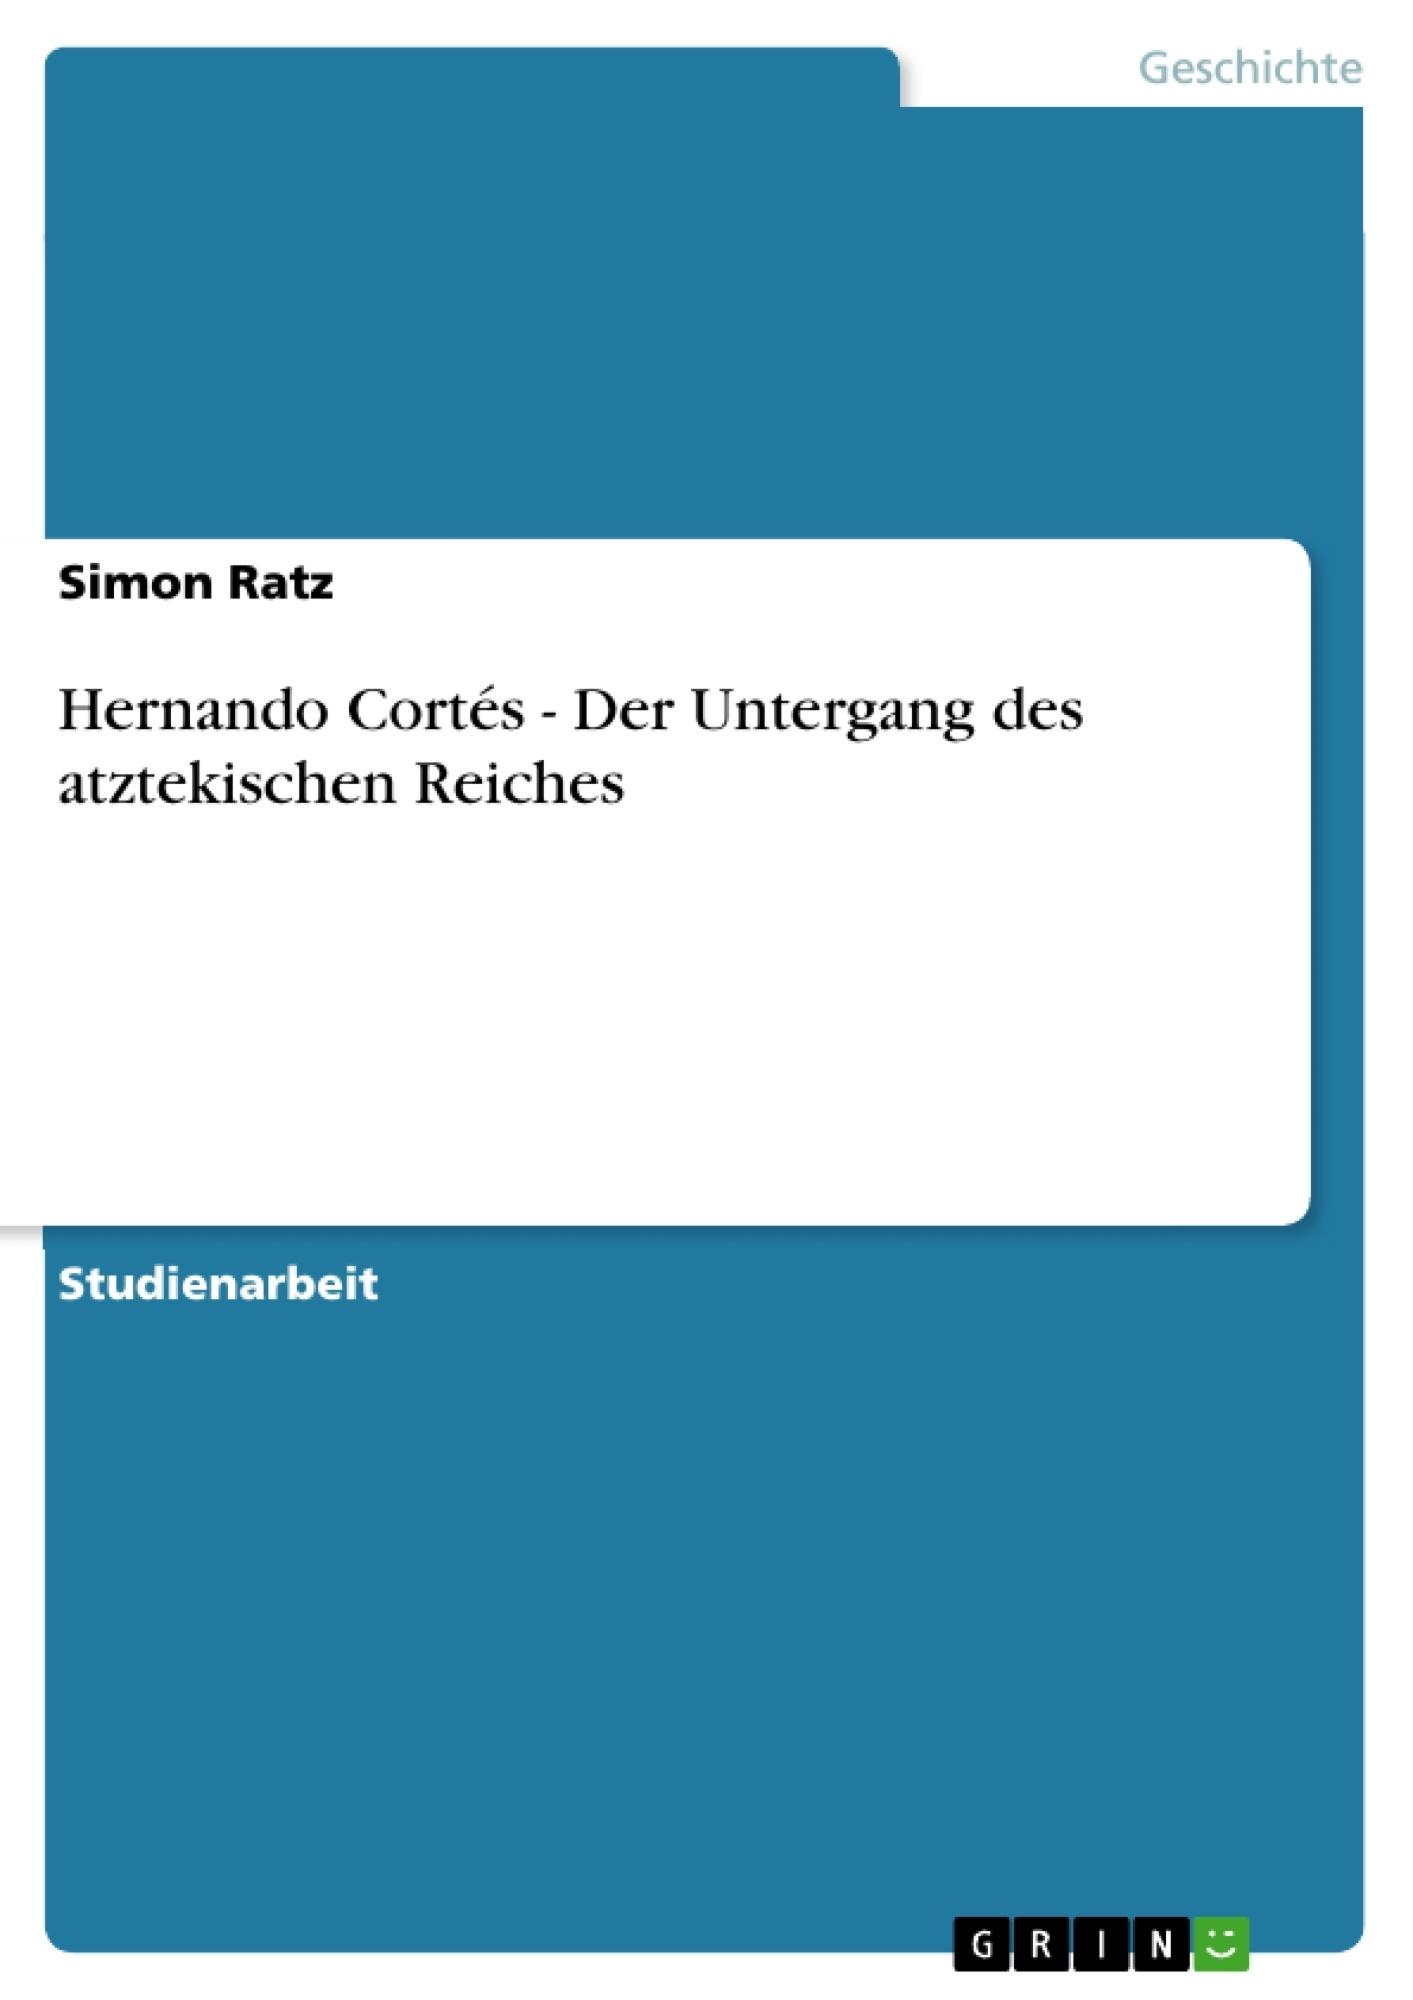 Titel: Hernando Cortés - Der Untergang des atztekischen Reiches